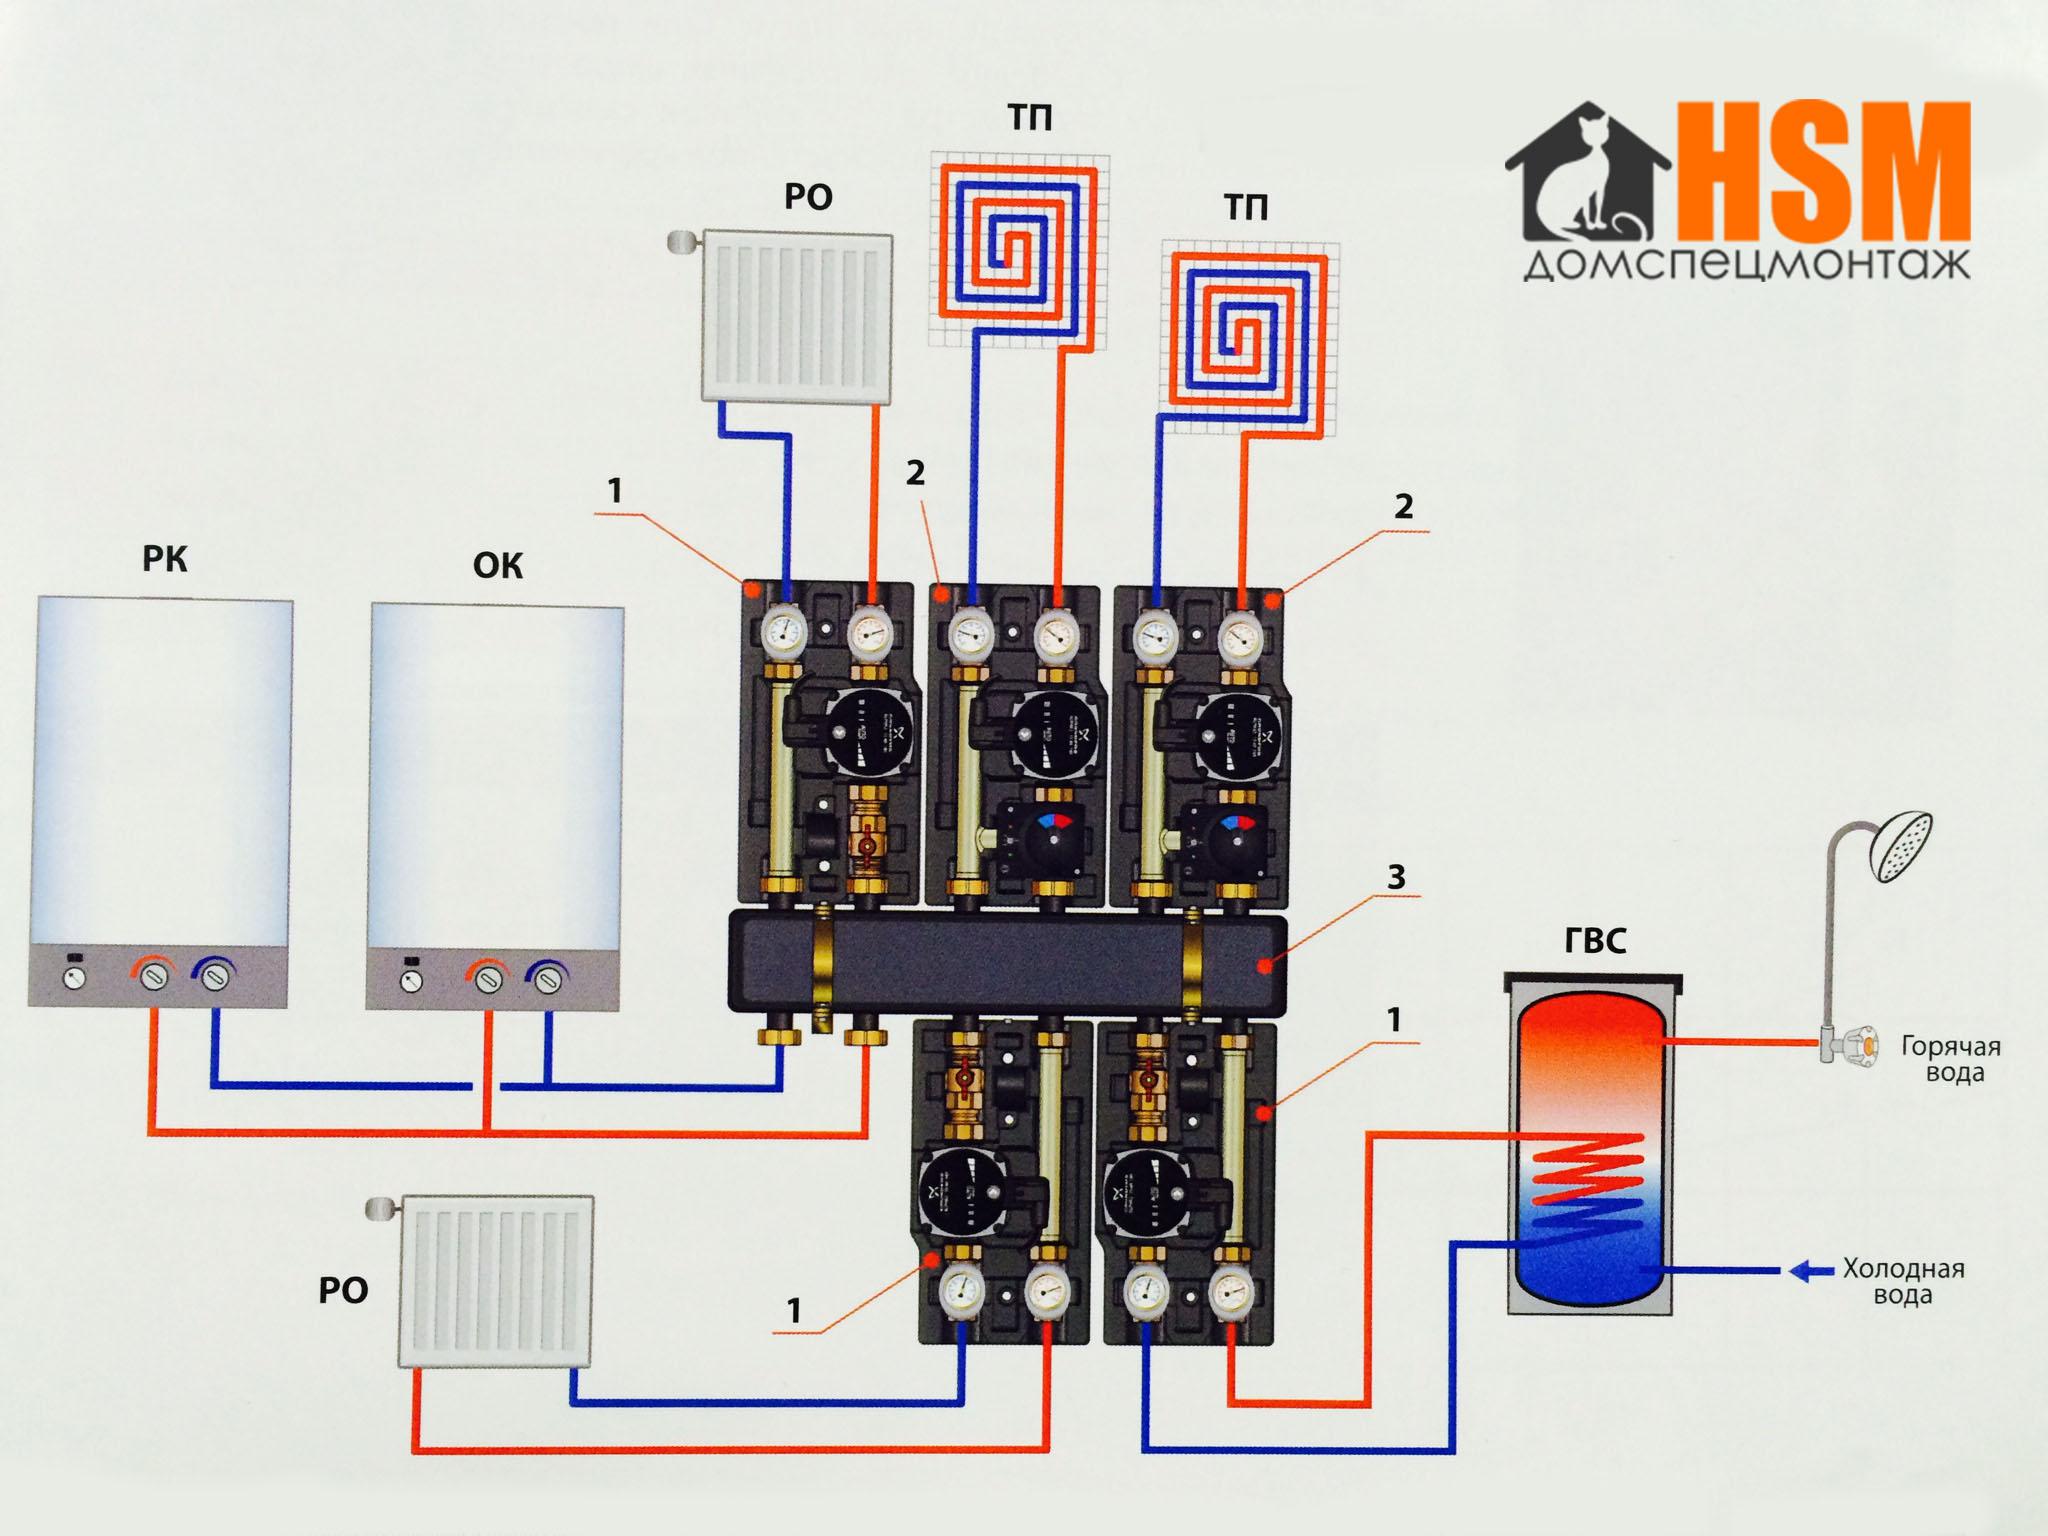 Схема монтажа отопления с присоединением в каскад нескольких котлов, отопление загородного дома